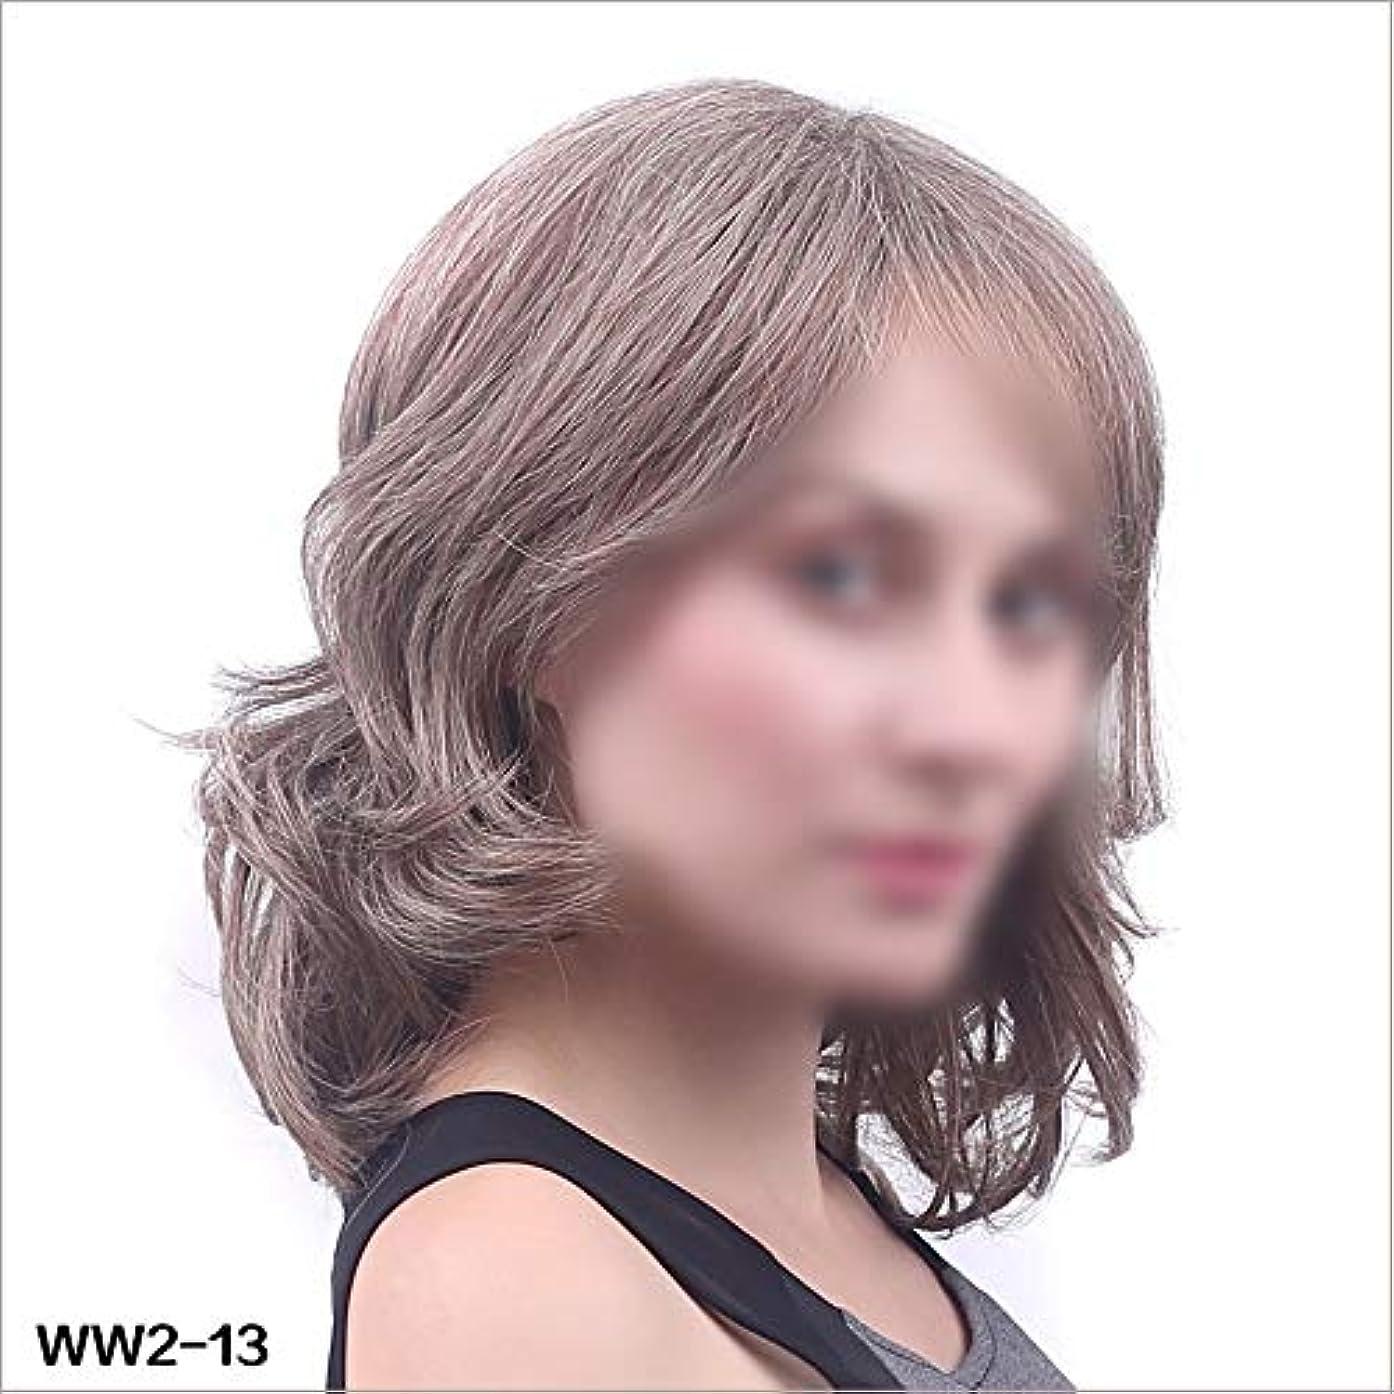 とげのある優れました運営YOUQIU 新人気女子ショートウィッグ全波状カーリーヘアグレーレディースウィッグウィッグ (色 : Photo color, サイズ : 45cm)